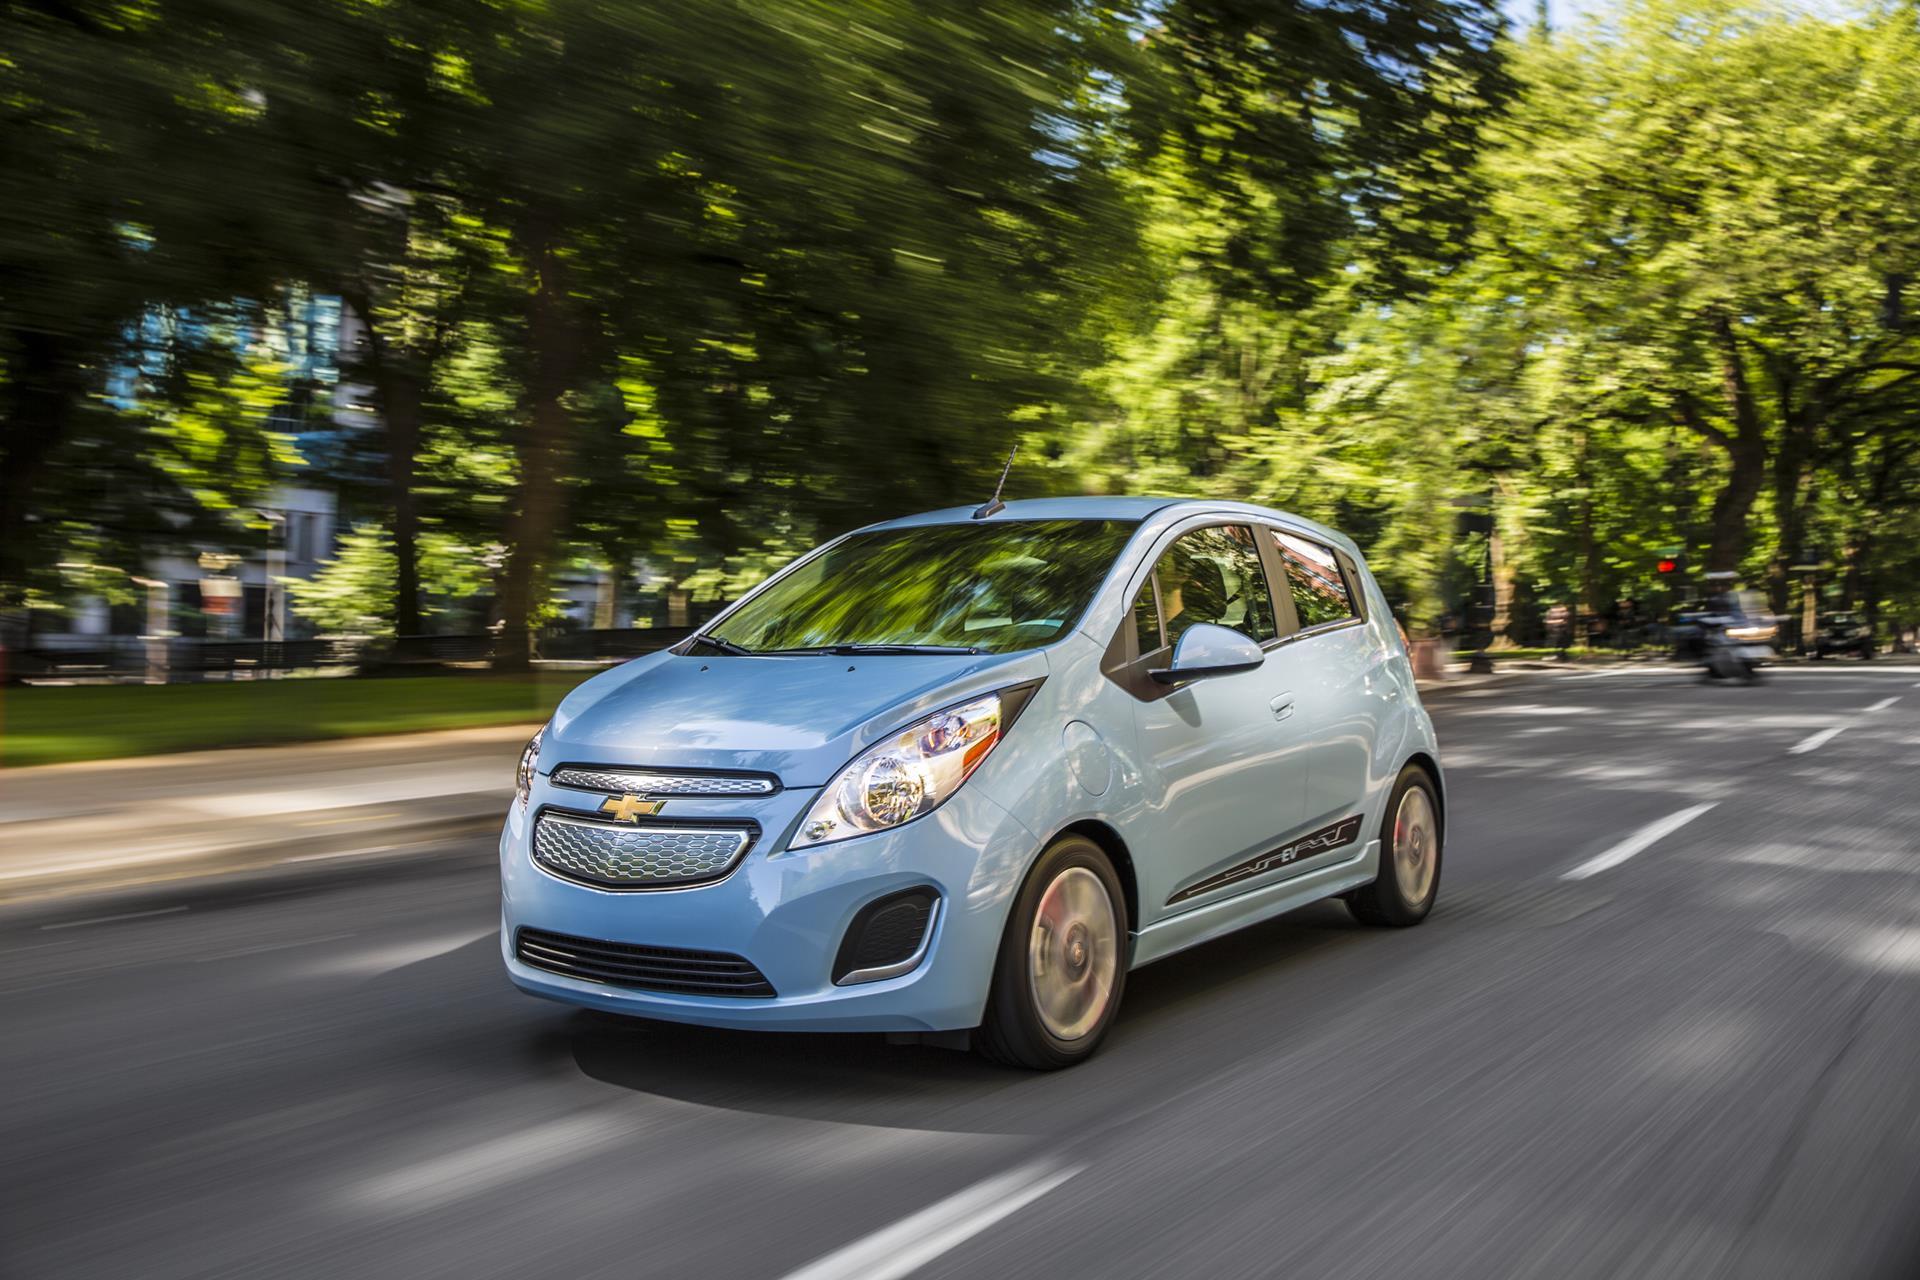 2016 Chevrolet Spark Ev News And Information Com